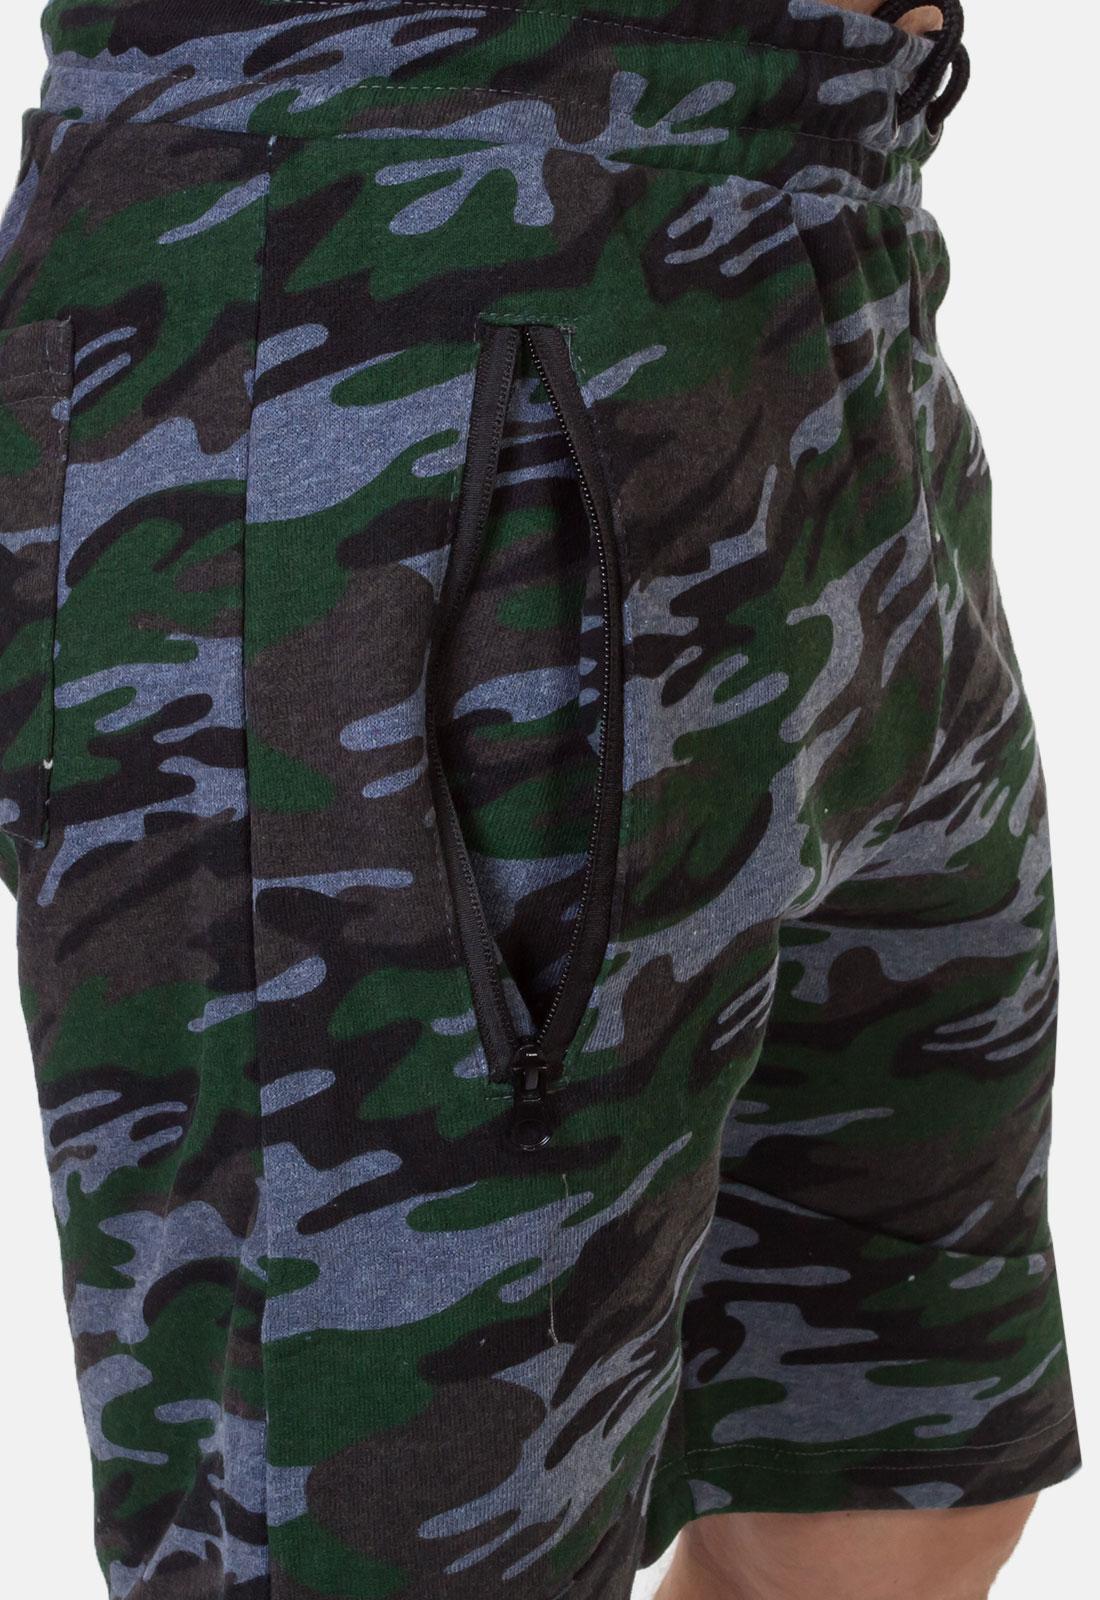 Особенные шорты практичного кроя с нашивкой ВКС - заказать в розницу